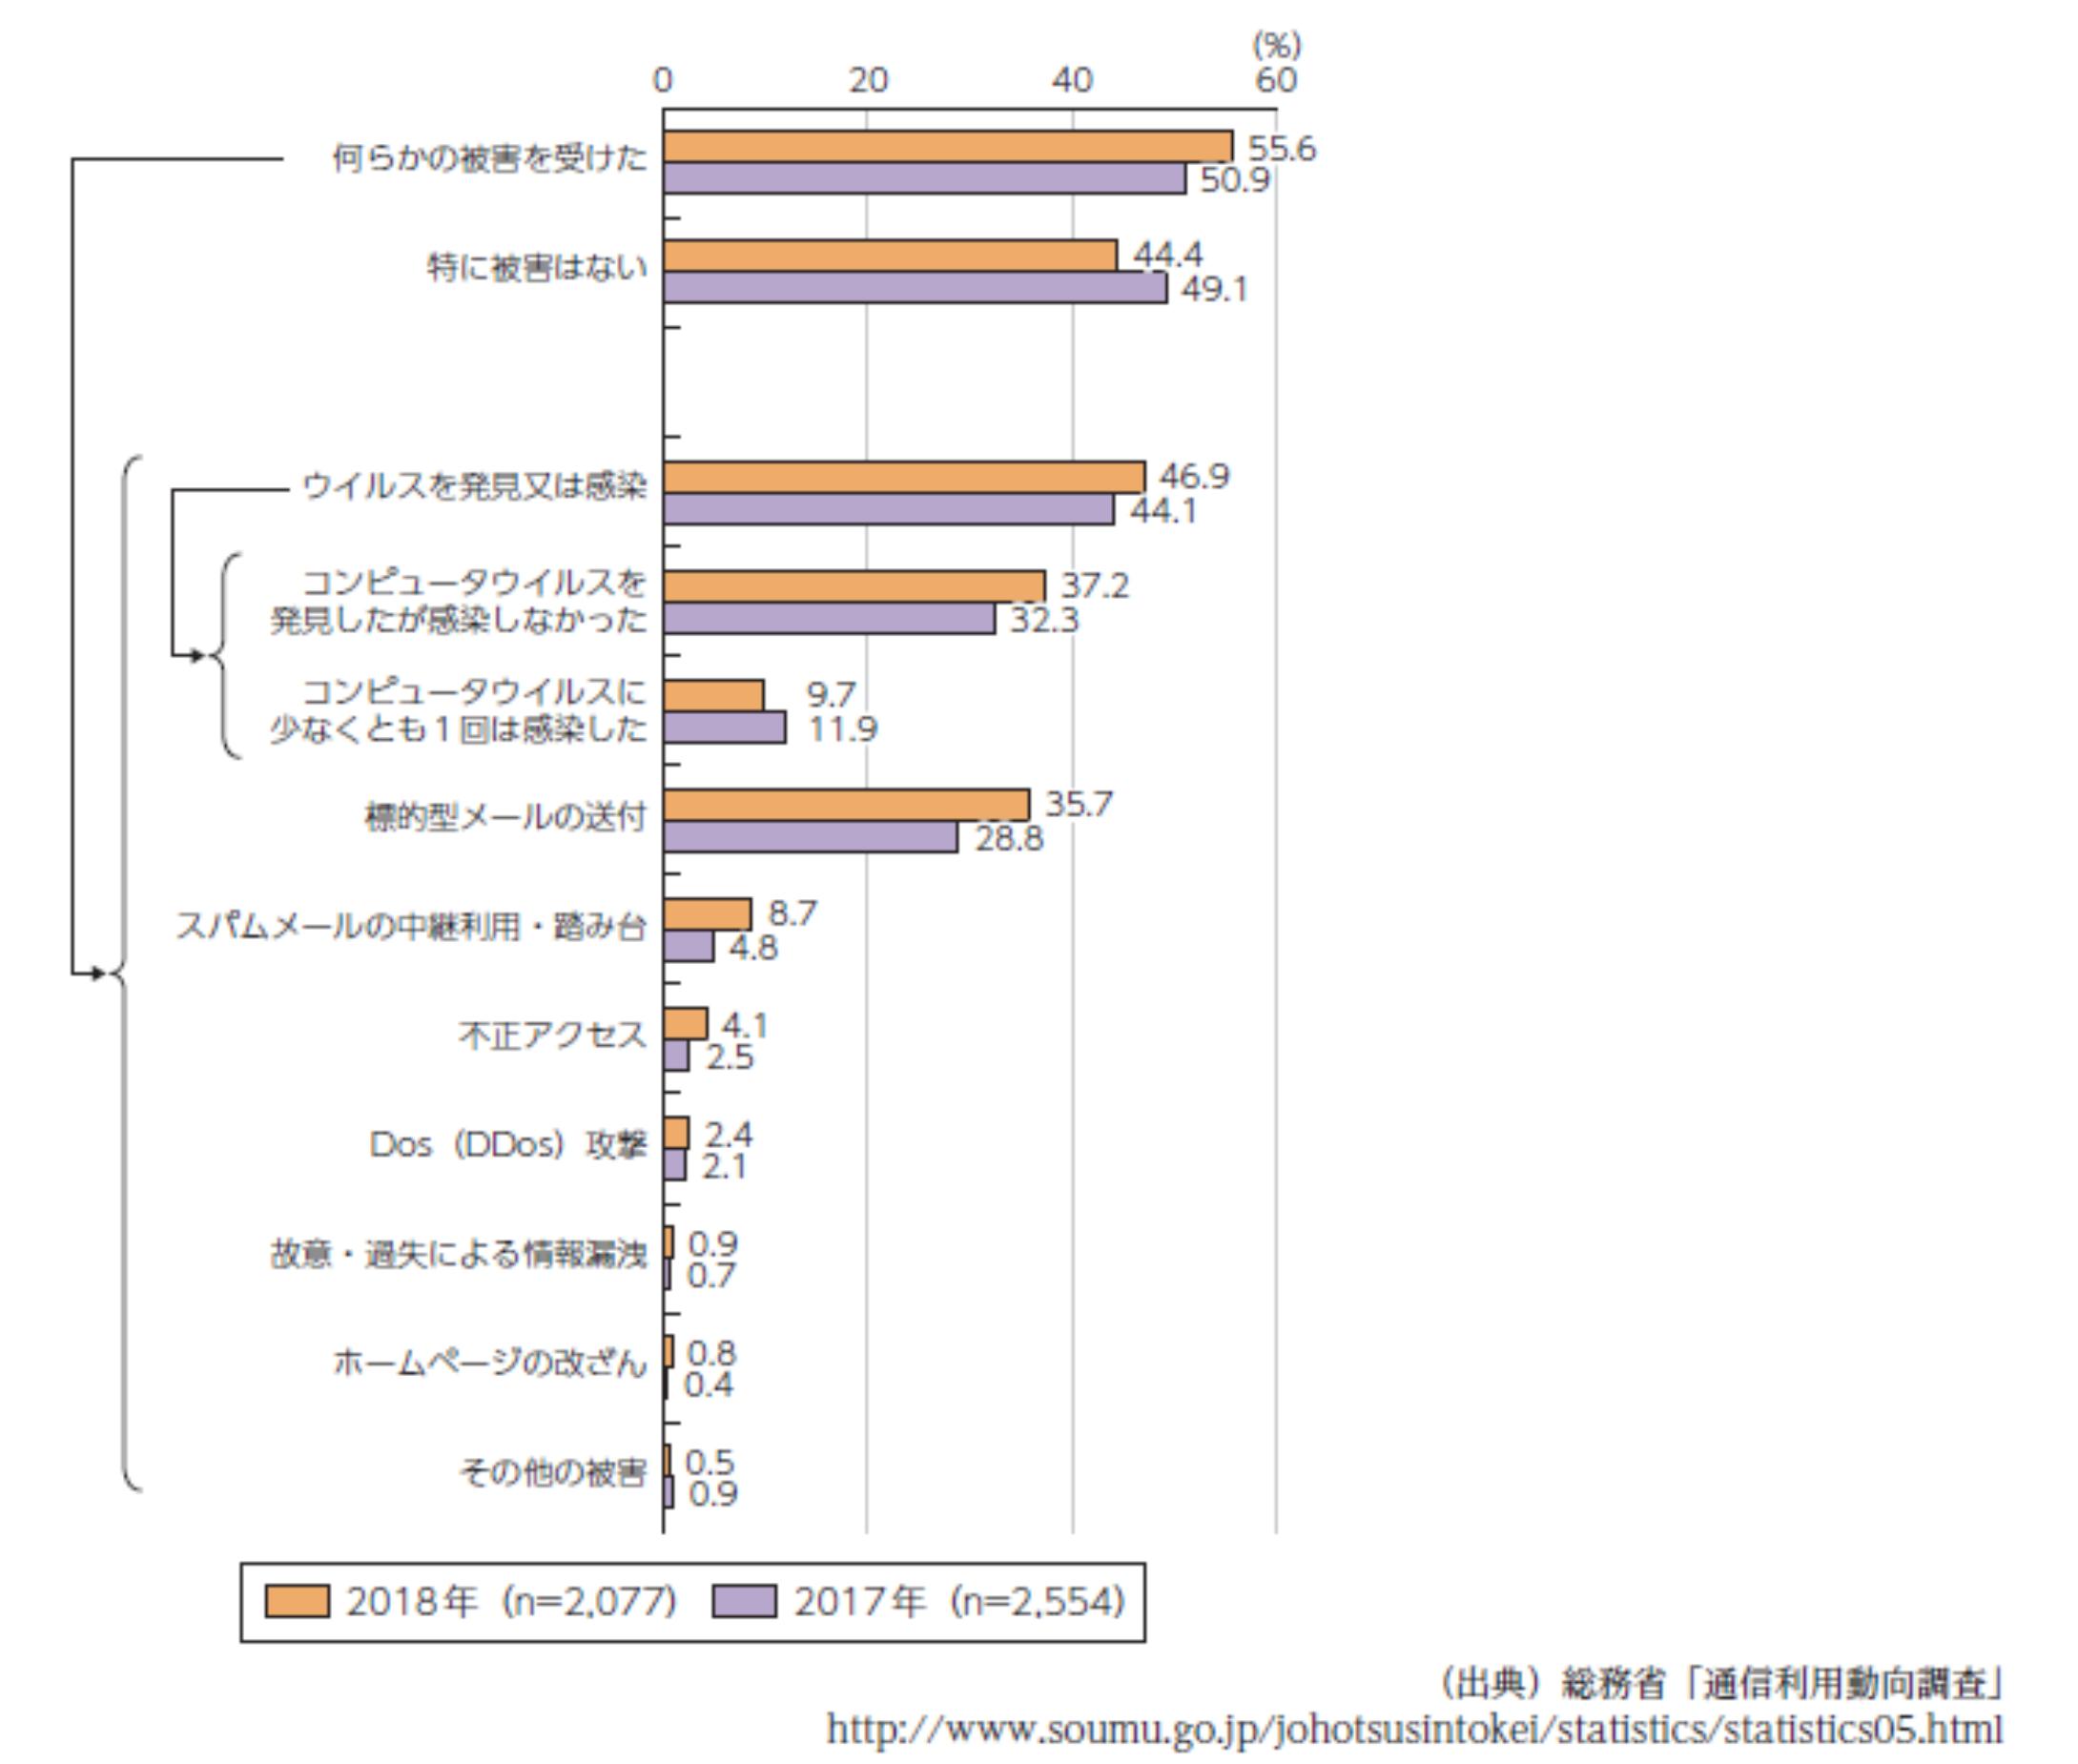 ブルーネットジャパン 通信利用動向調査2